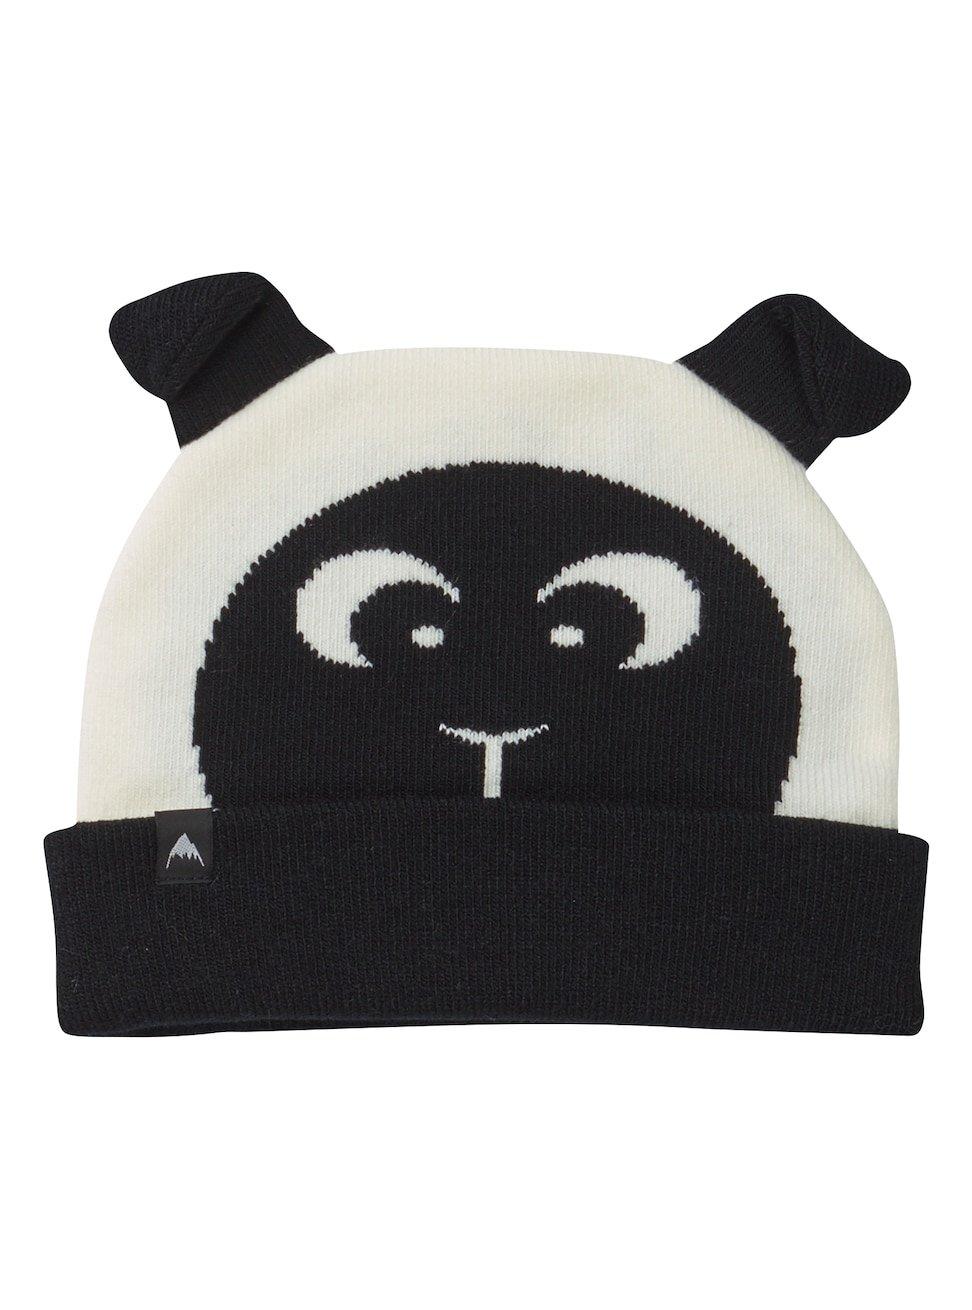 Burton Mini Beanie (Toddler) Black Sheep One Size Burton Snowboards 134281